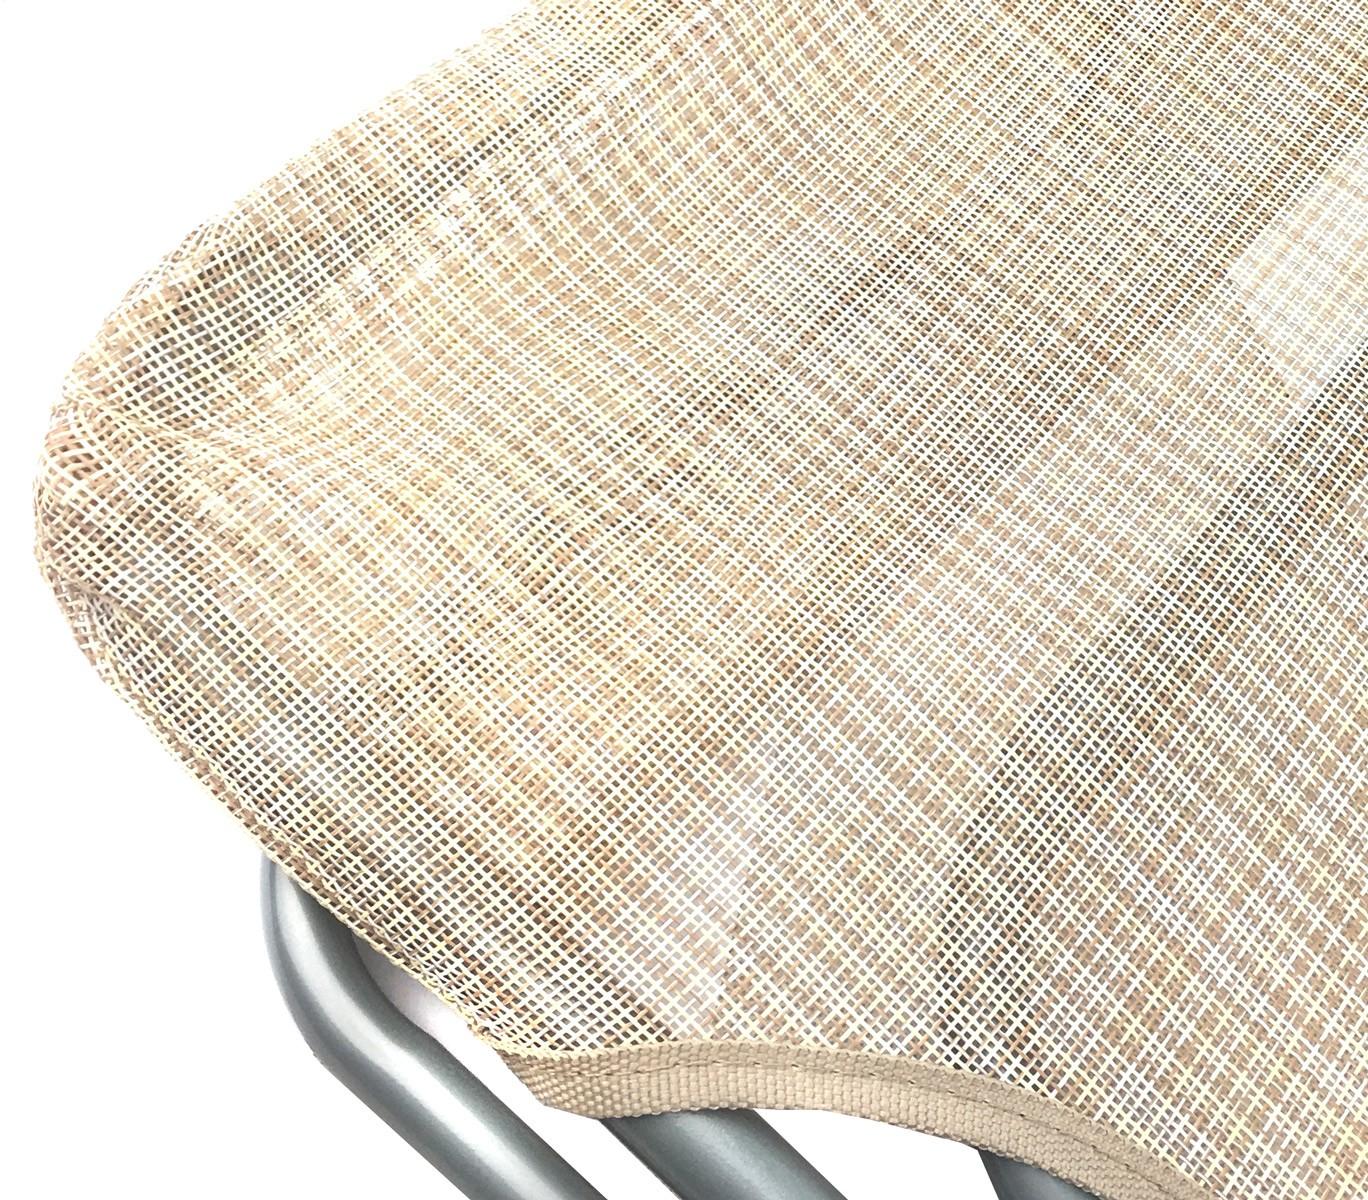 Sedia sdraio pieghevole 099520 ONSHORE 3 posizioni spiaggina Textilene